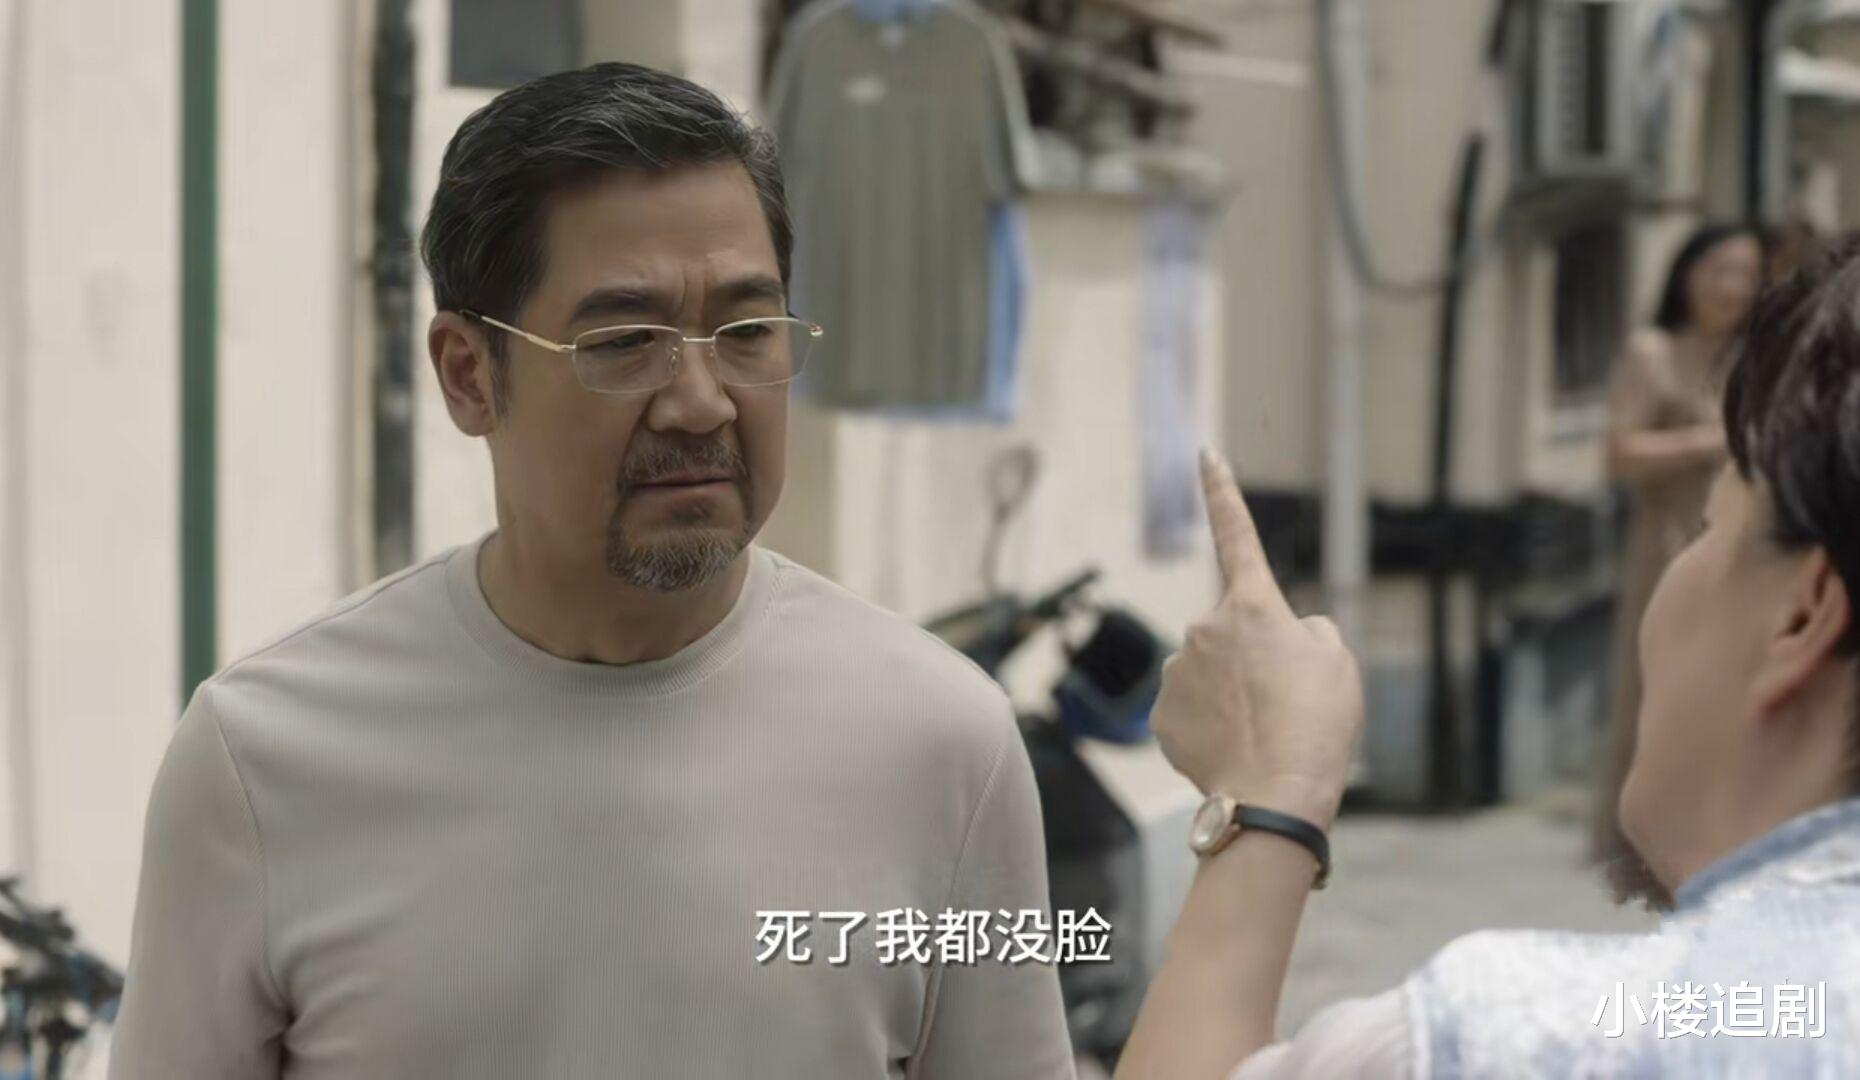 《小舍得》: 一套學區房引出三段恩怨, 蔡菊英結局令人唏噓-圖3